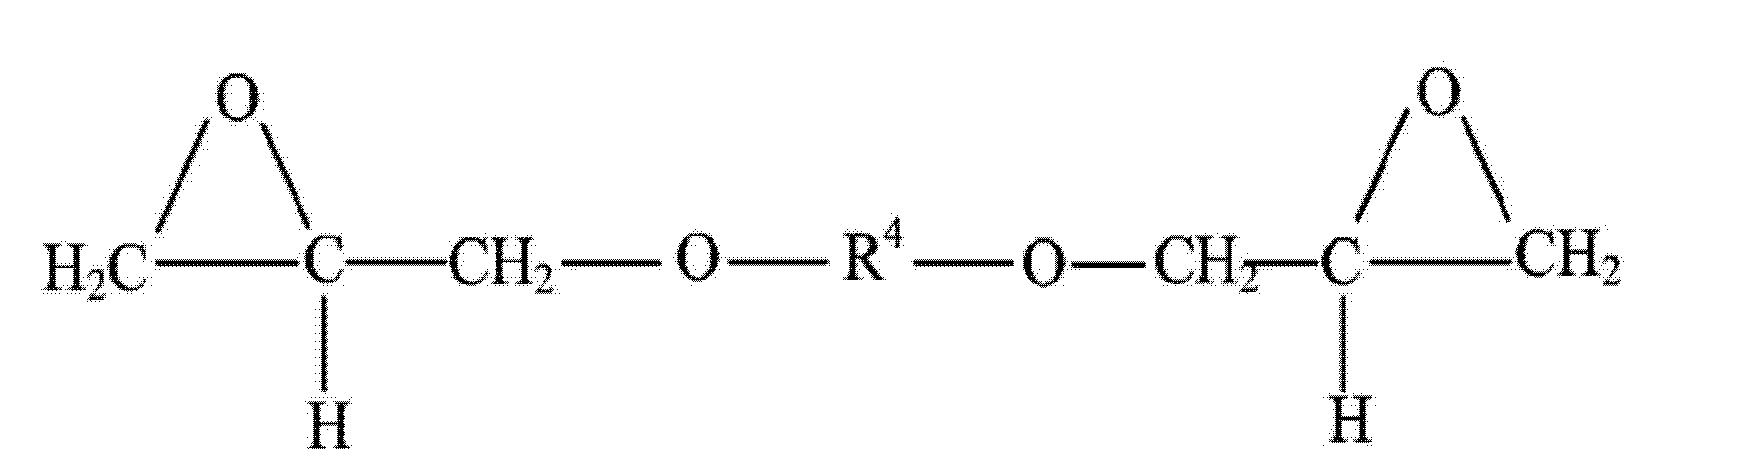 Figure CN103597019BD00072